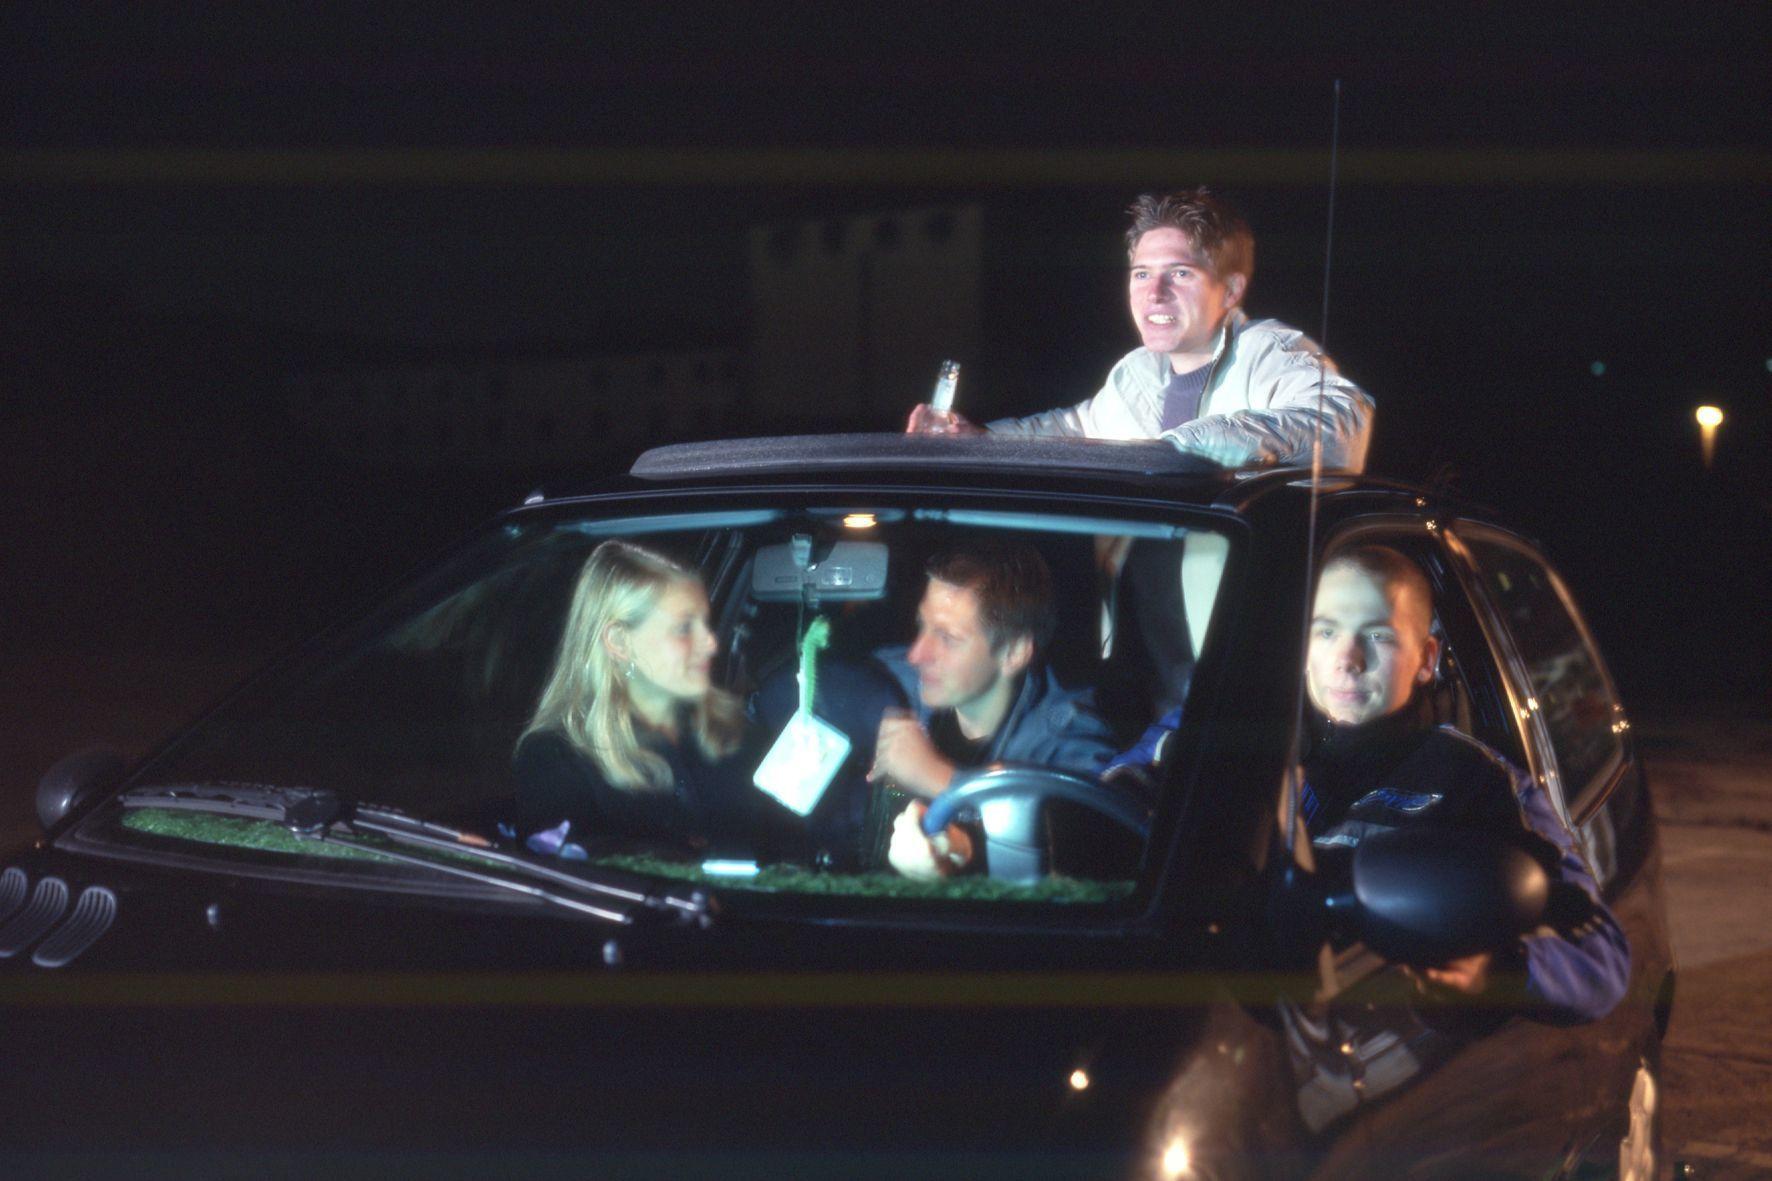 mid Groß-Gerau - Beifahrer sind bei einem Unfall mitverantwortlich, wenn sie bei einem betrunkenen Fahrer einsteigen.